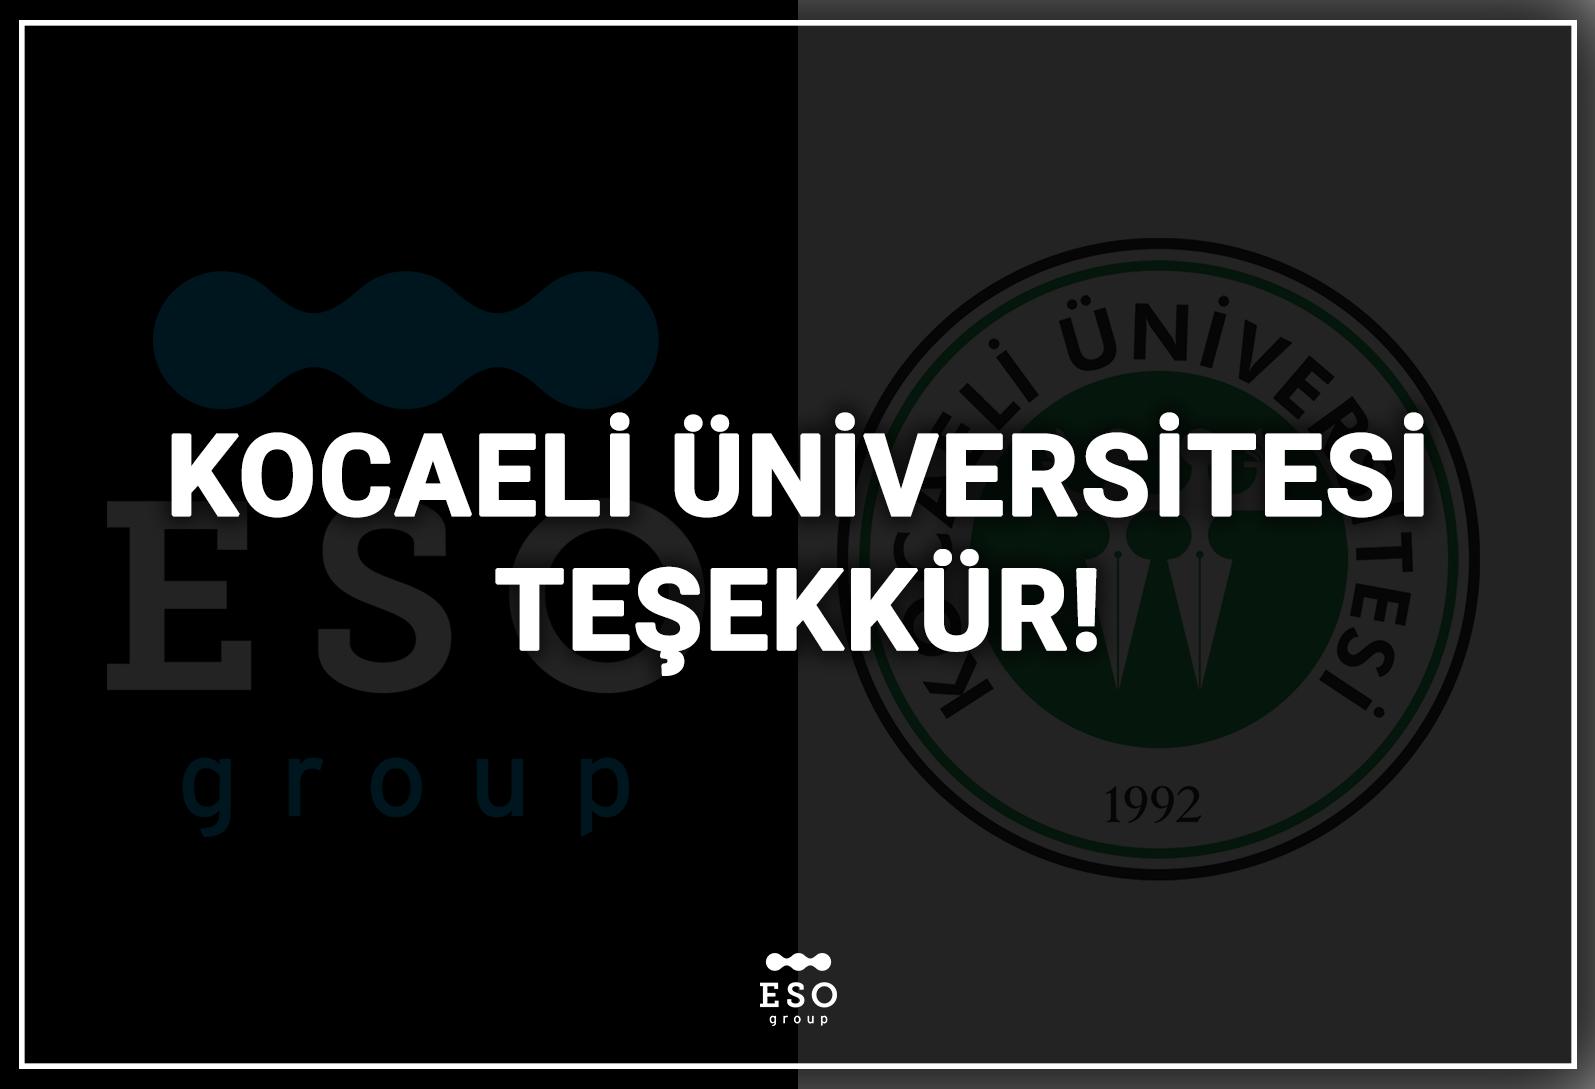 Kocaeli Üniversitesi Teşekkür